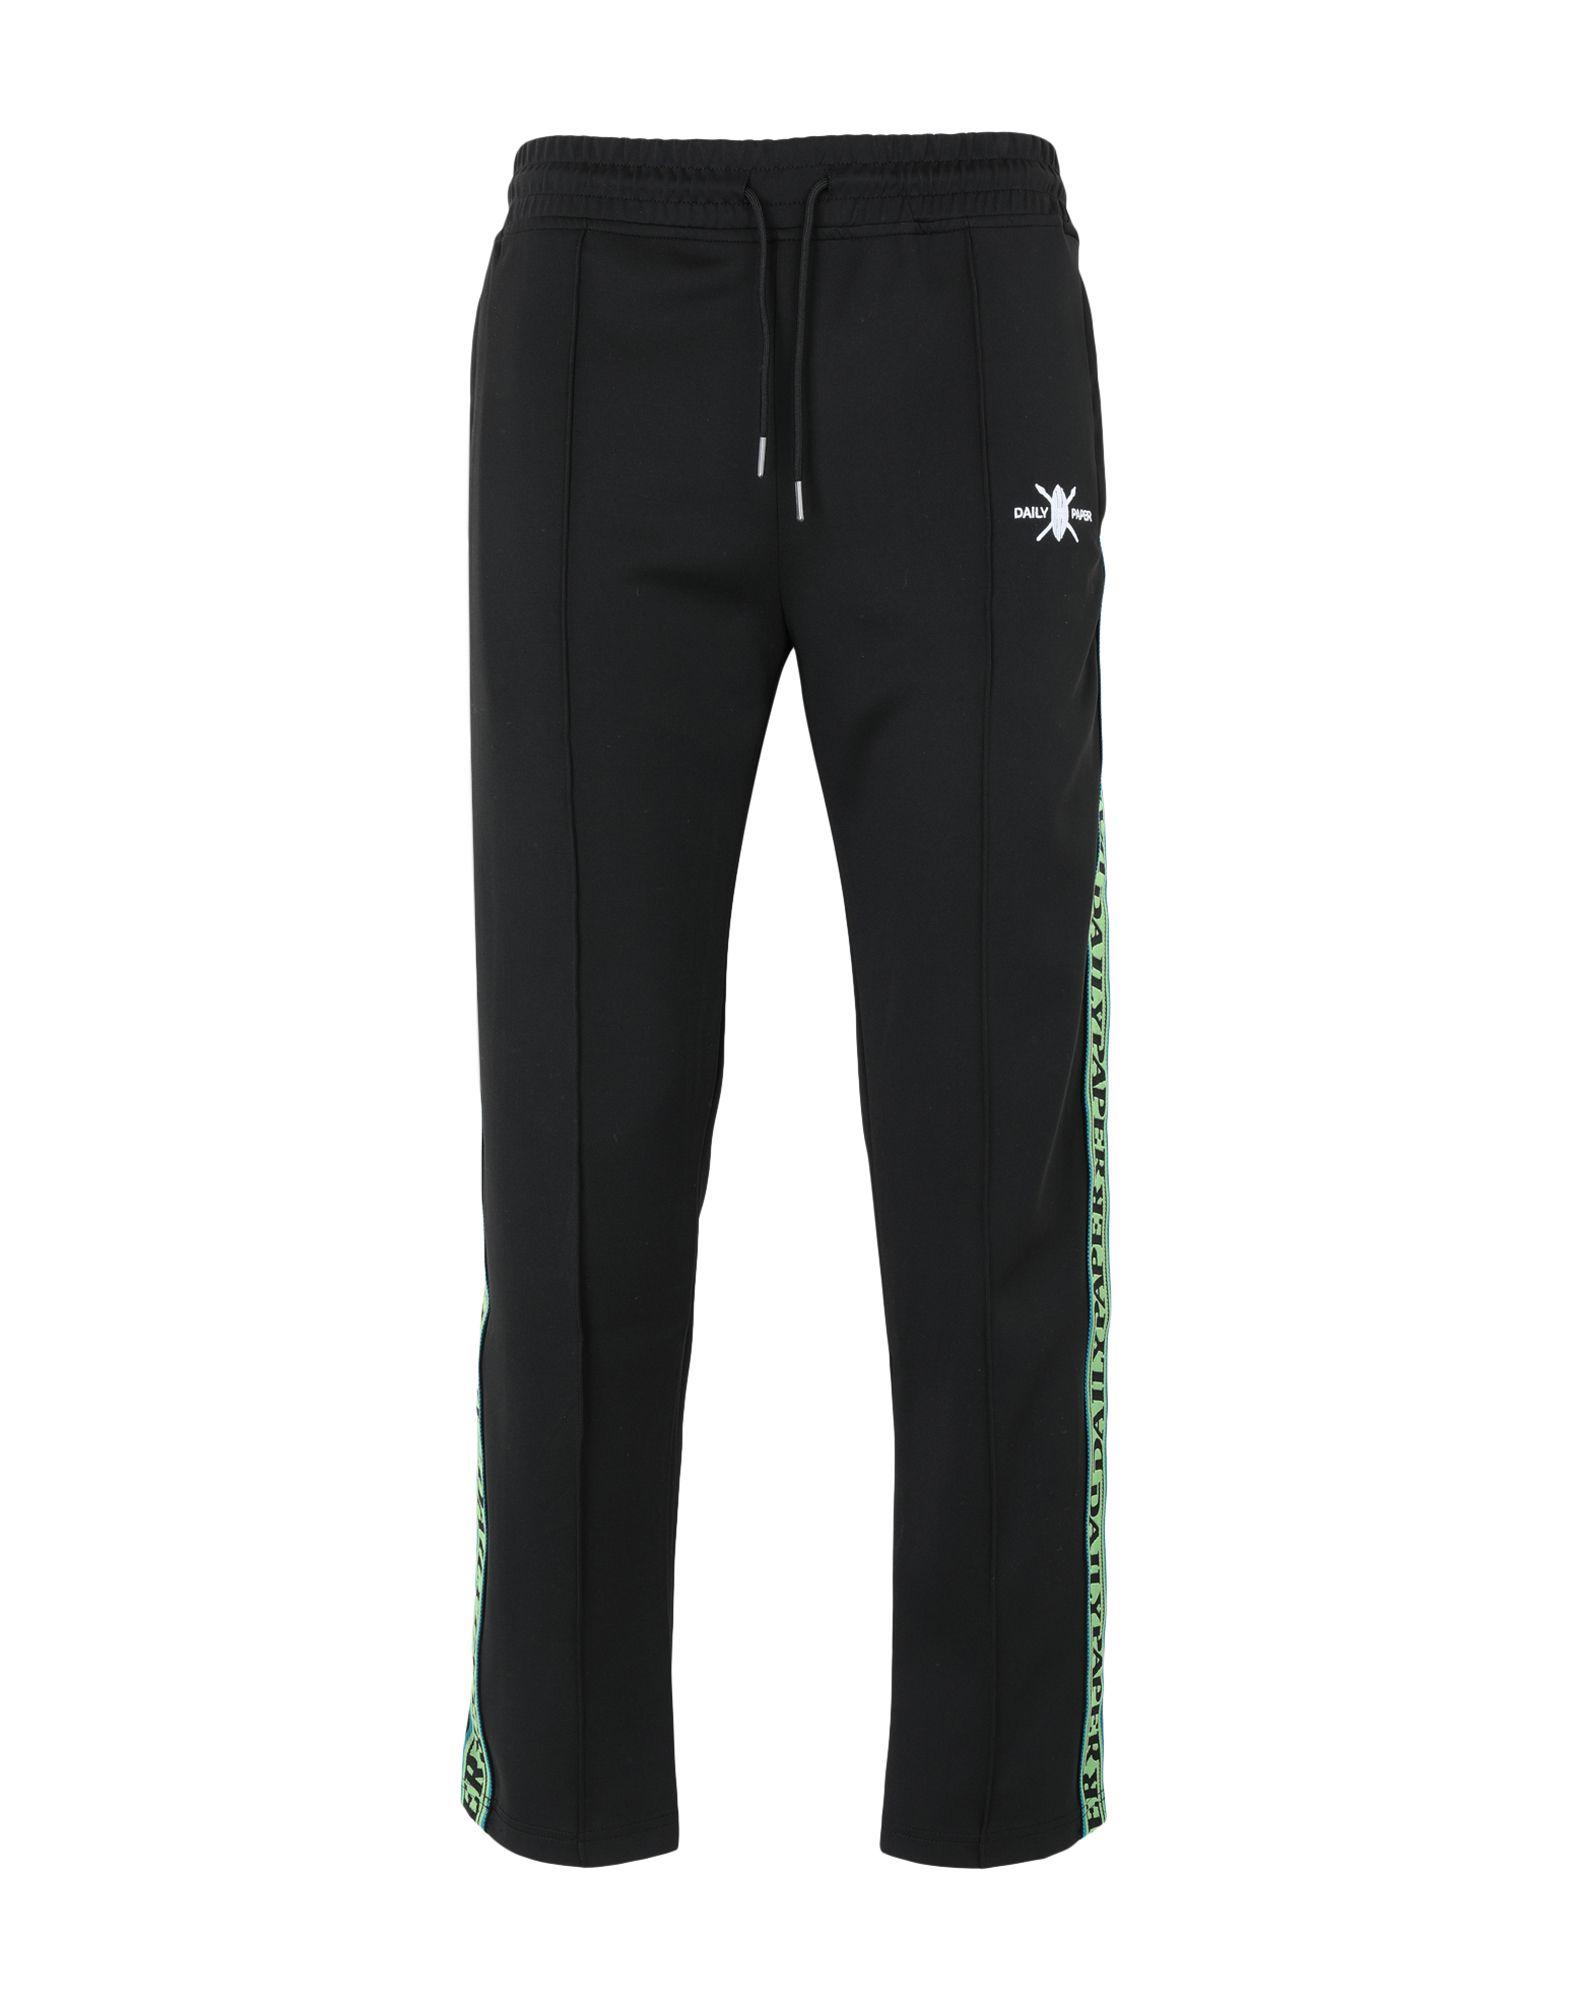 《期間限定セール開催中!》DAILY PAPER メンズ パンツ ブラック S ポリエステル 95% / ポリウレタン 5% LIBA